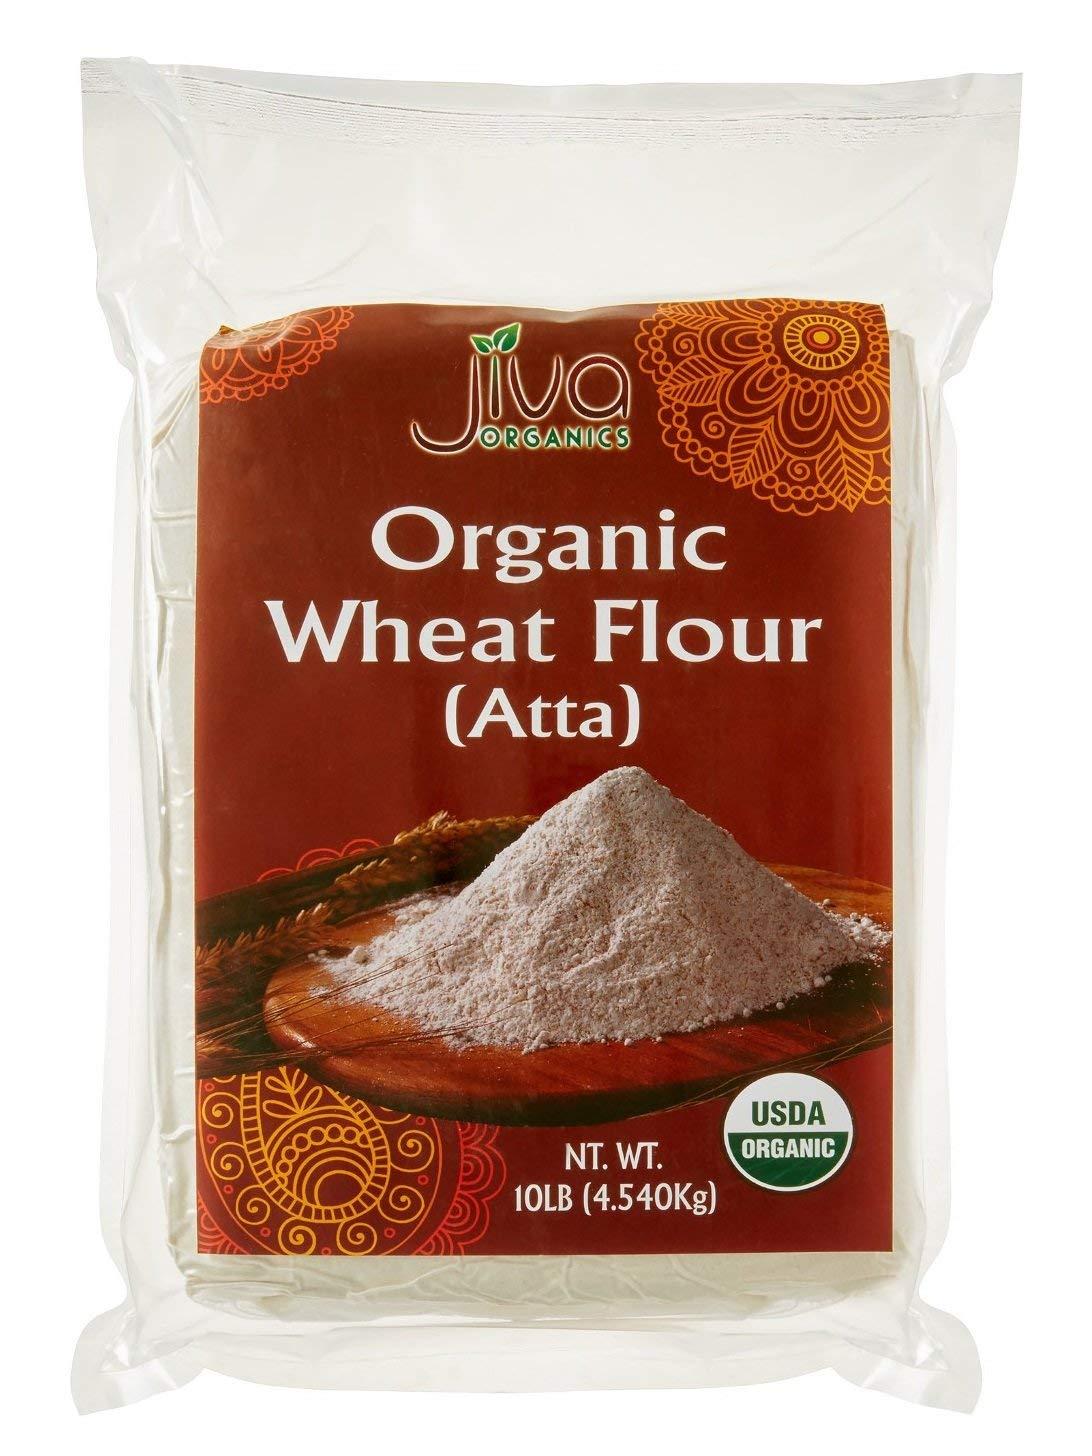 Jiva Organic Atta Whole Wheat Flour 10 Pound Bulk Bag - Non-GMO